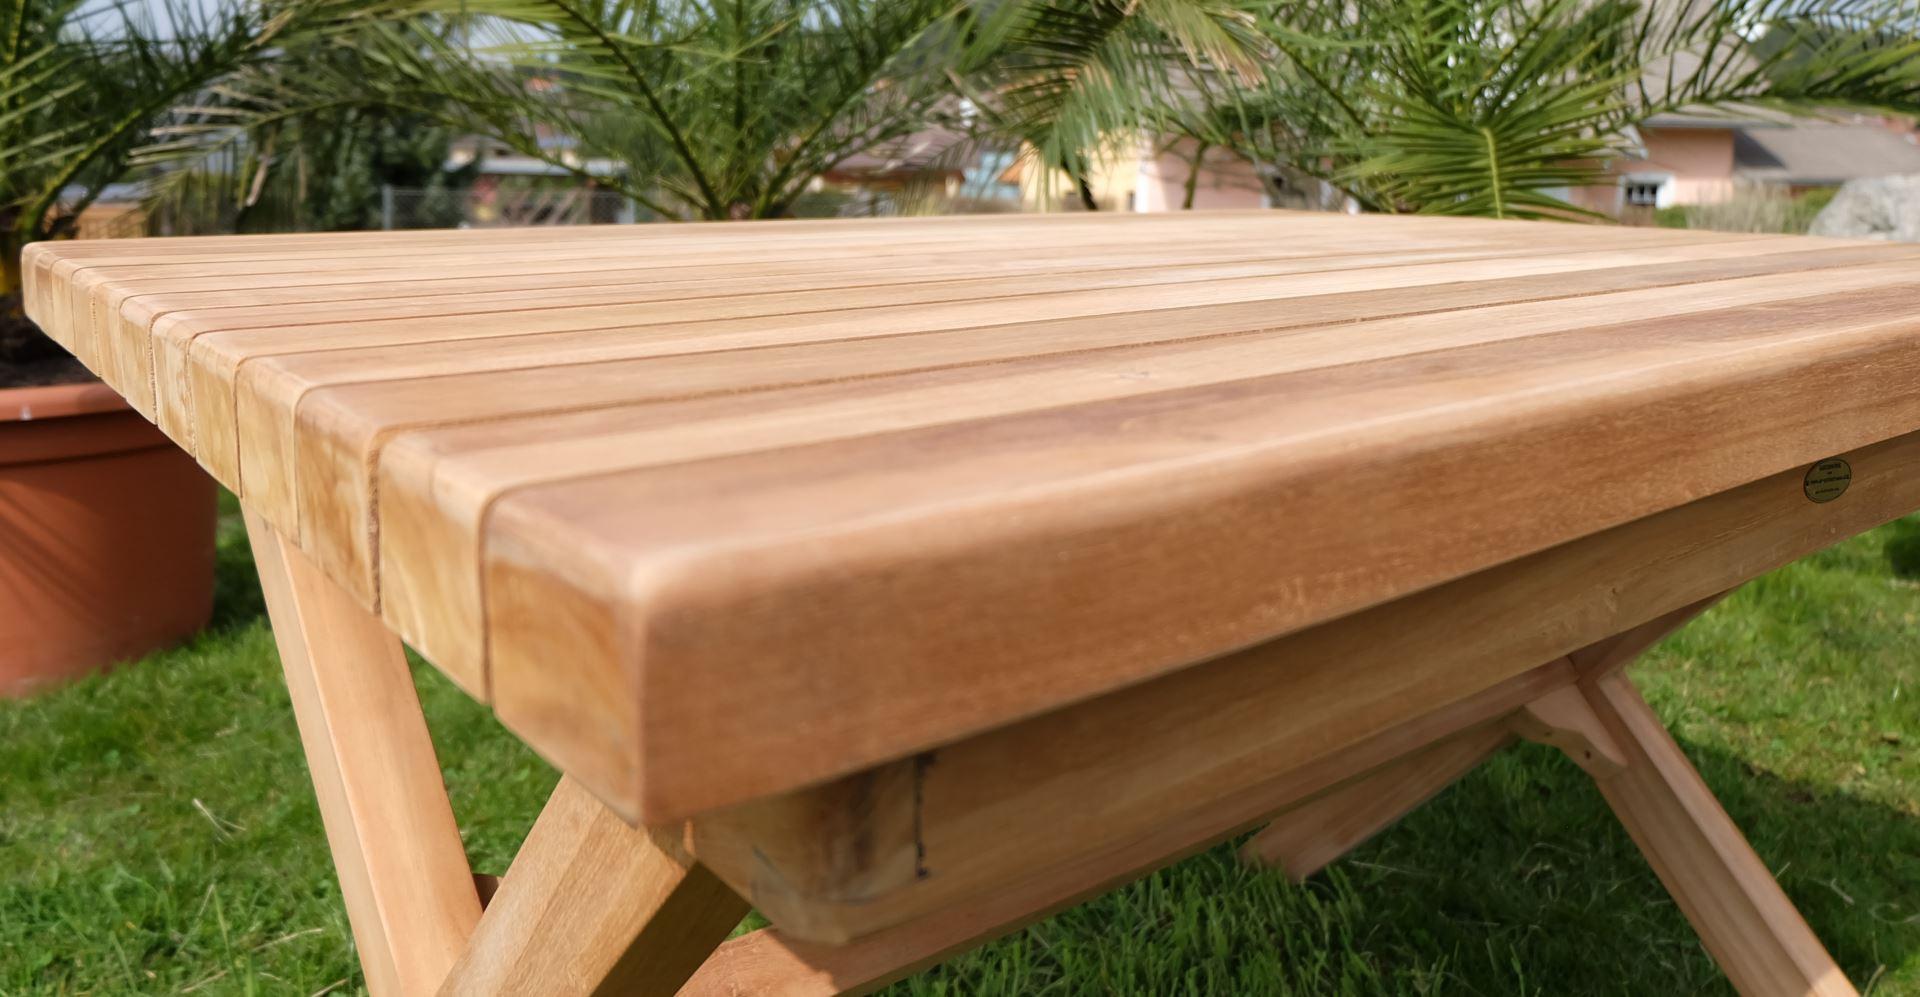 Wunderbar Rustikale Gartenmöbel Aus Holz Bilder - Die besten ...